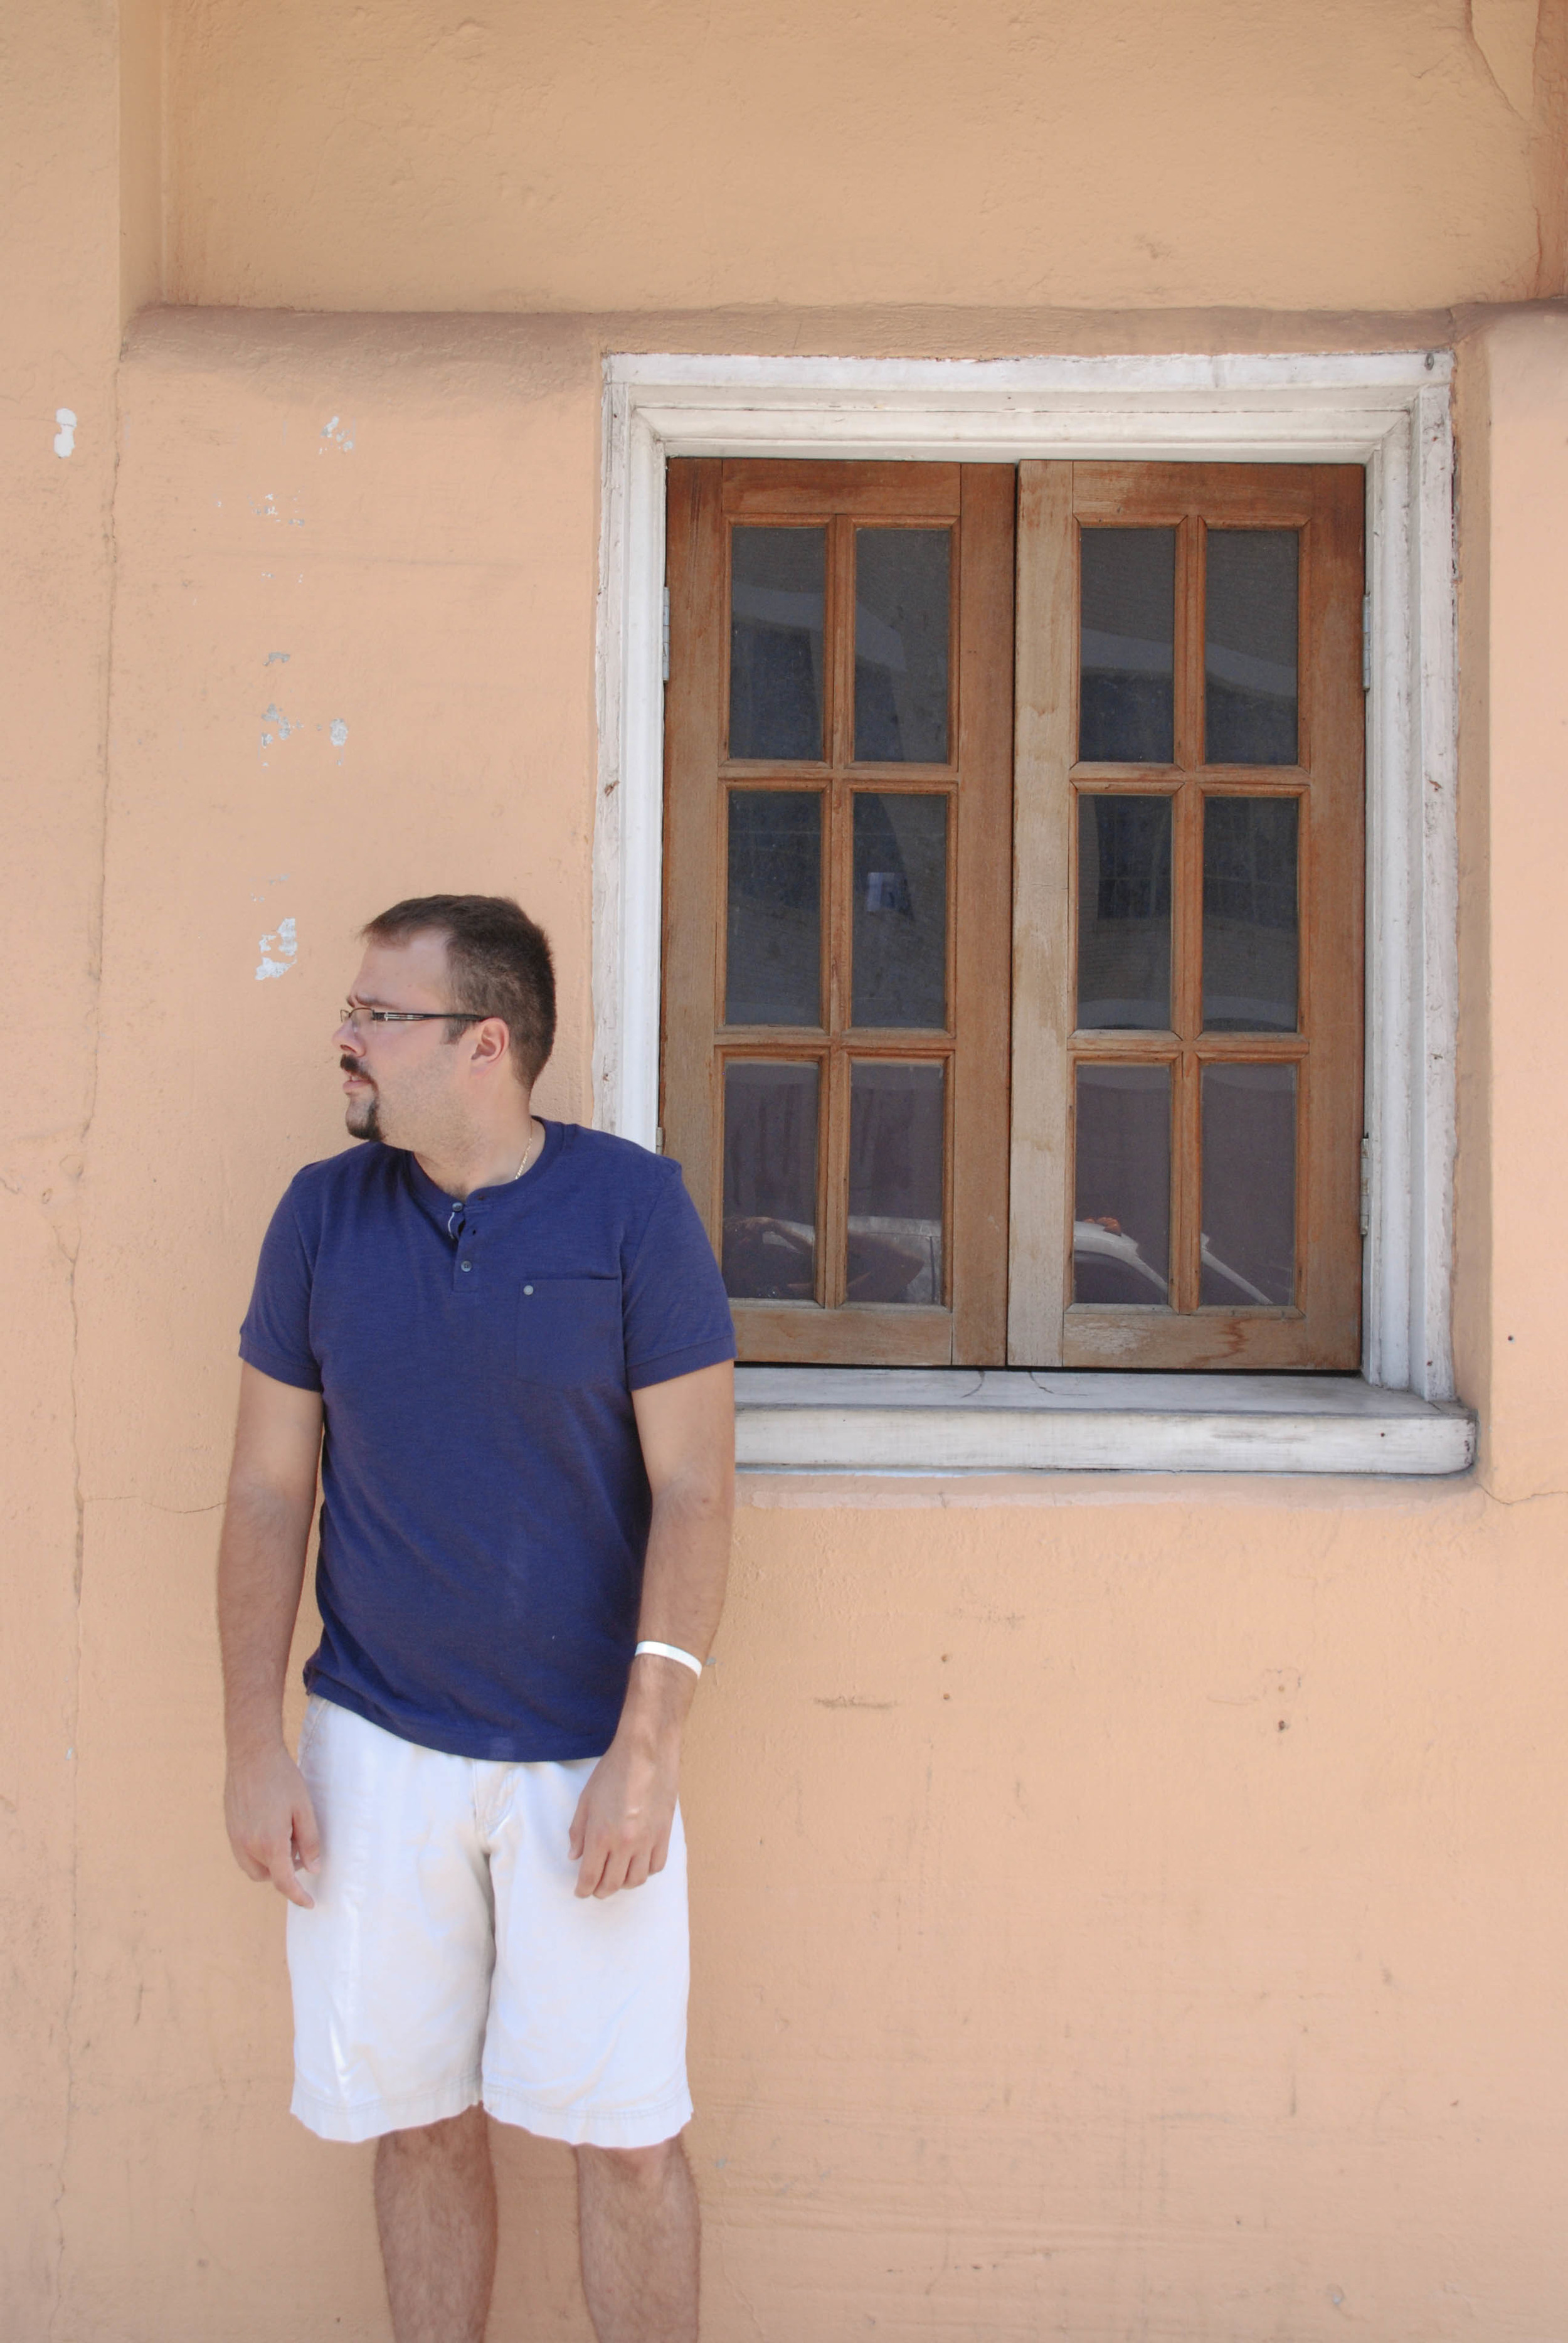 h & window